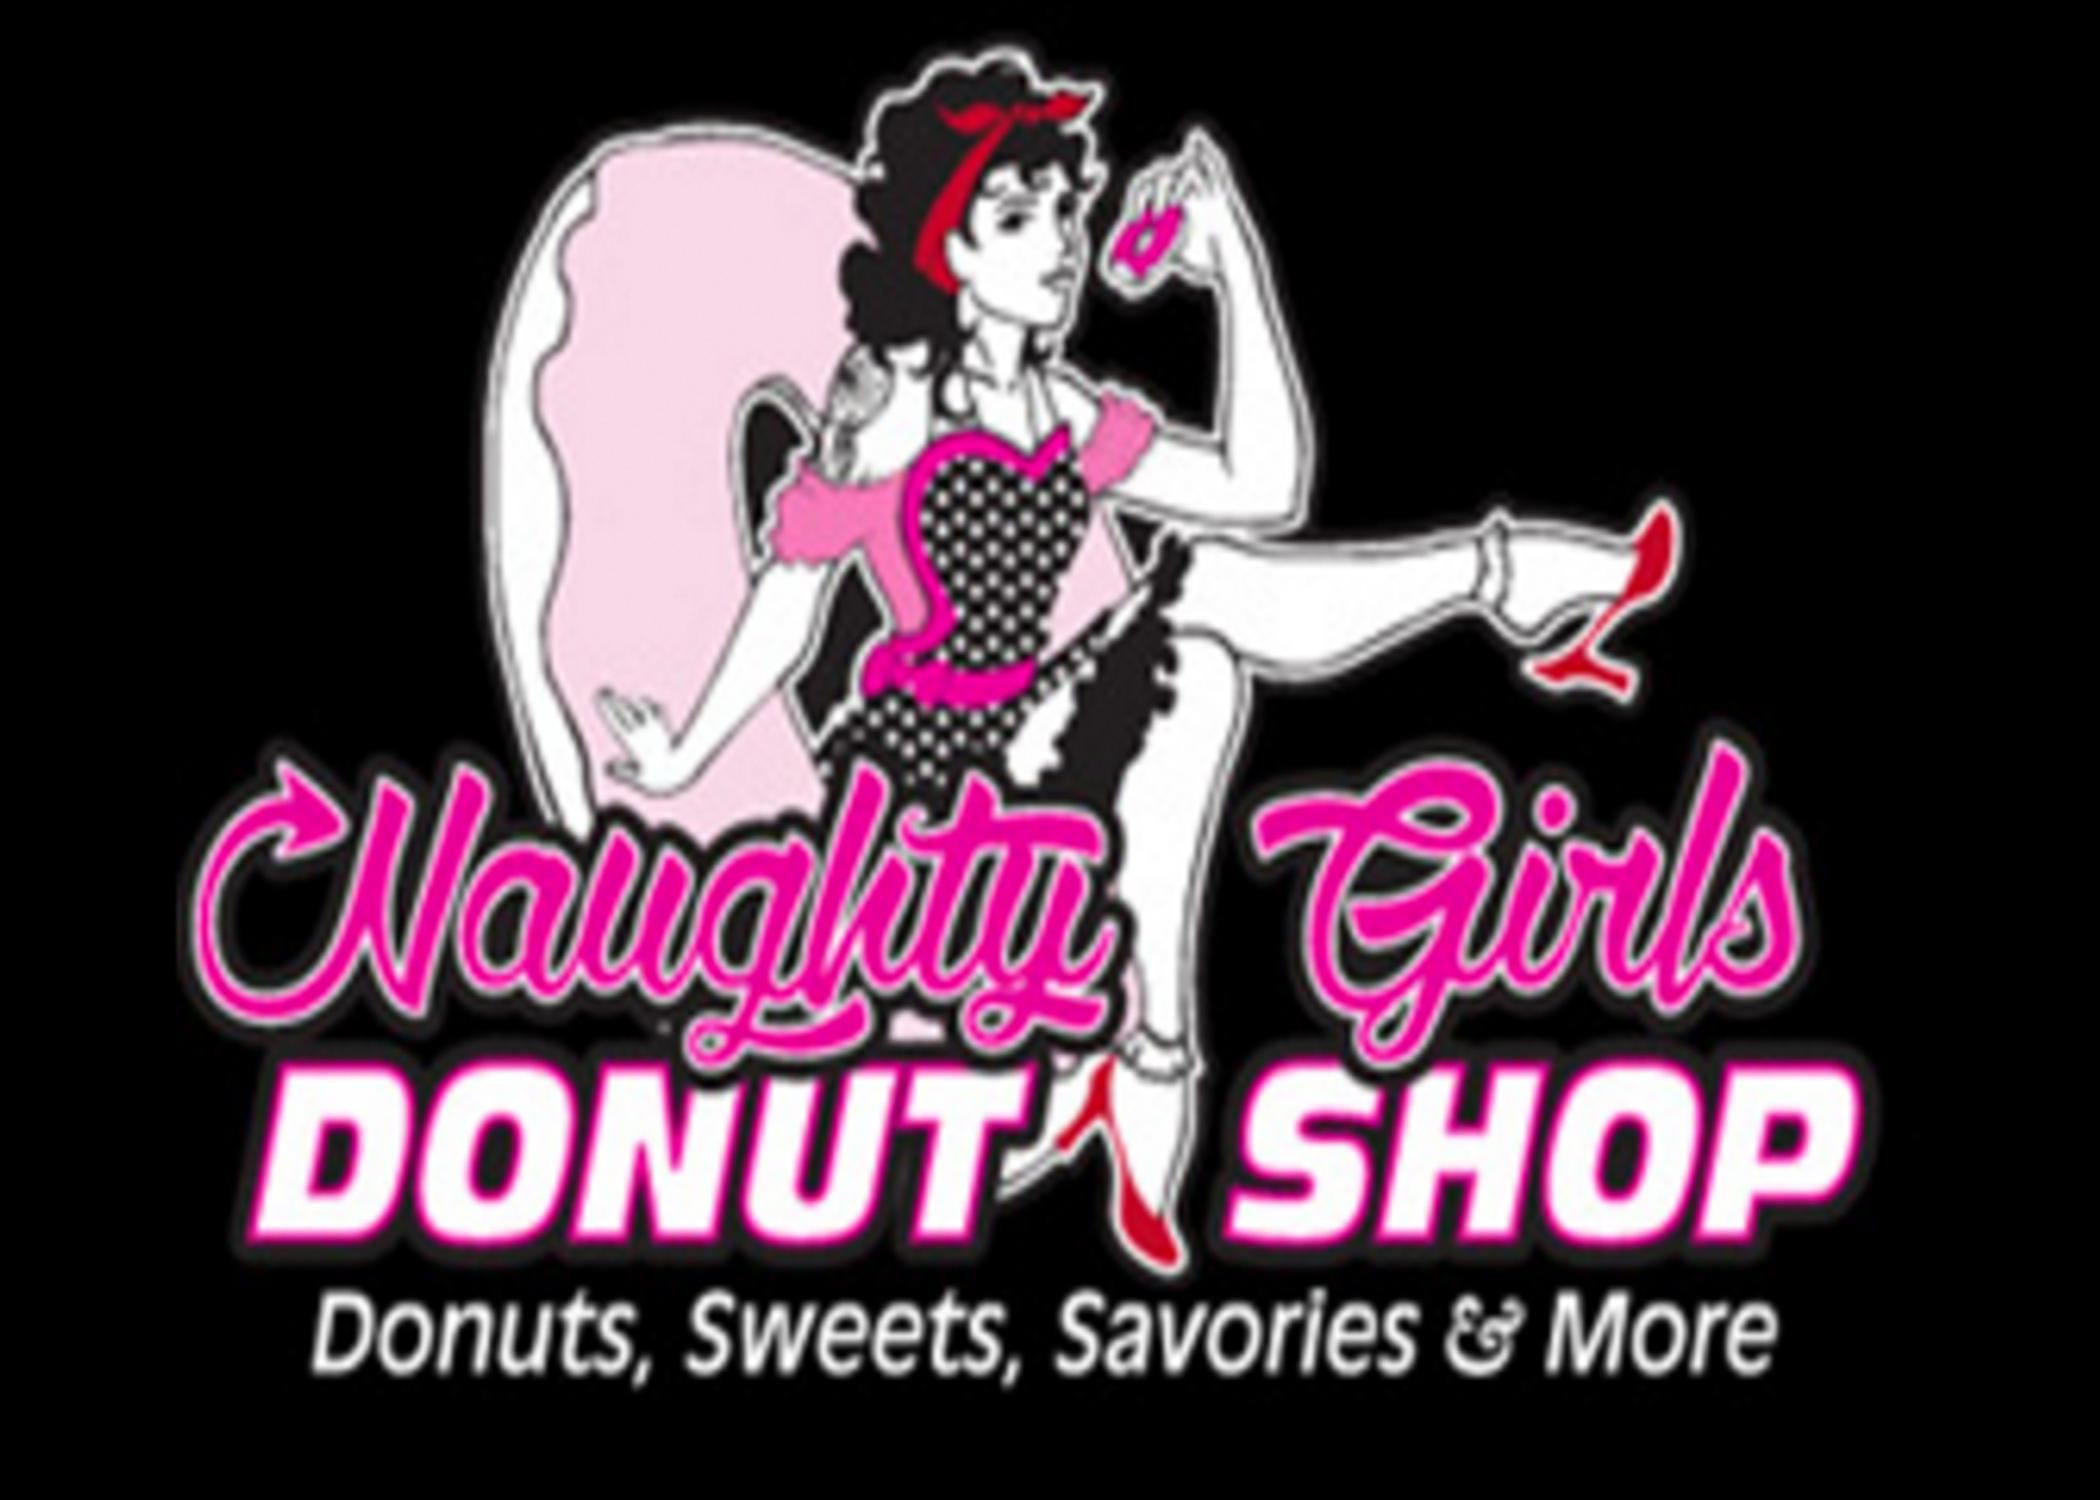 naughtygirl website.jpg